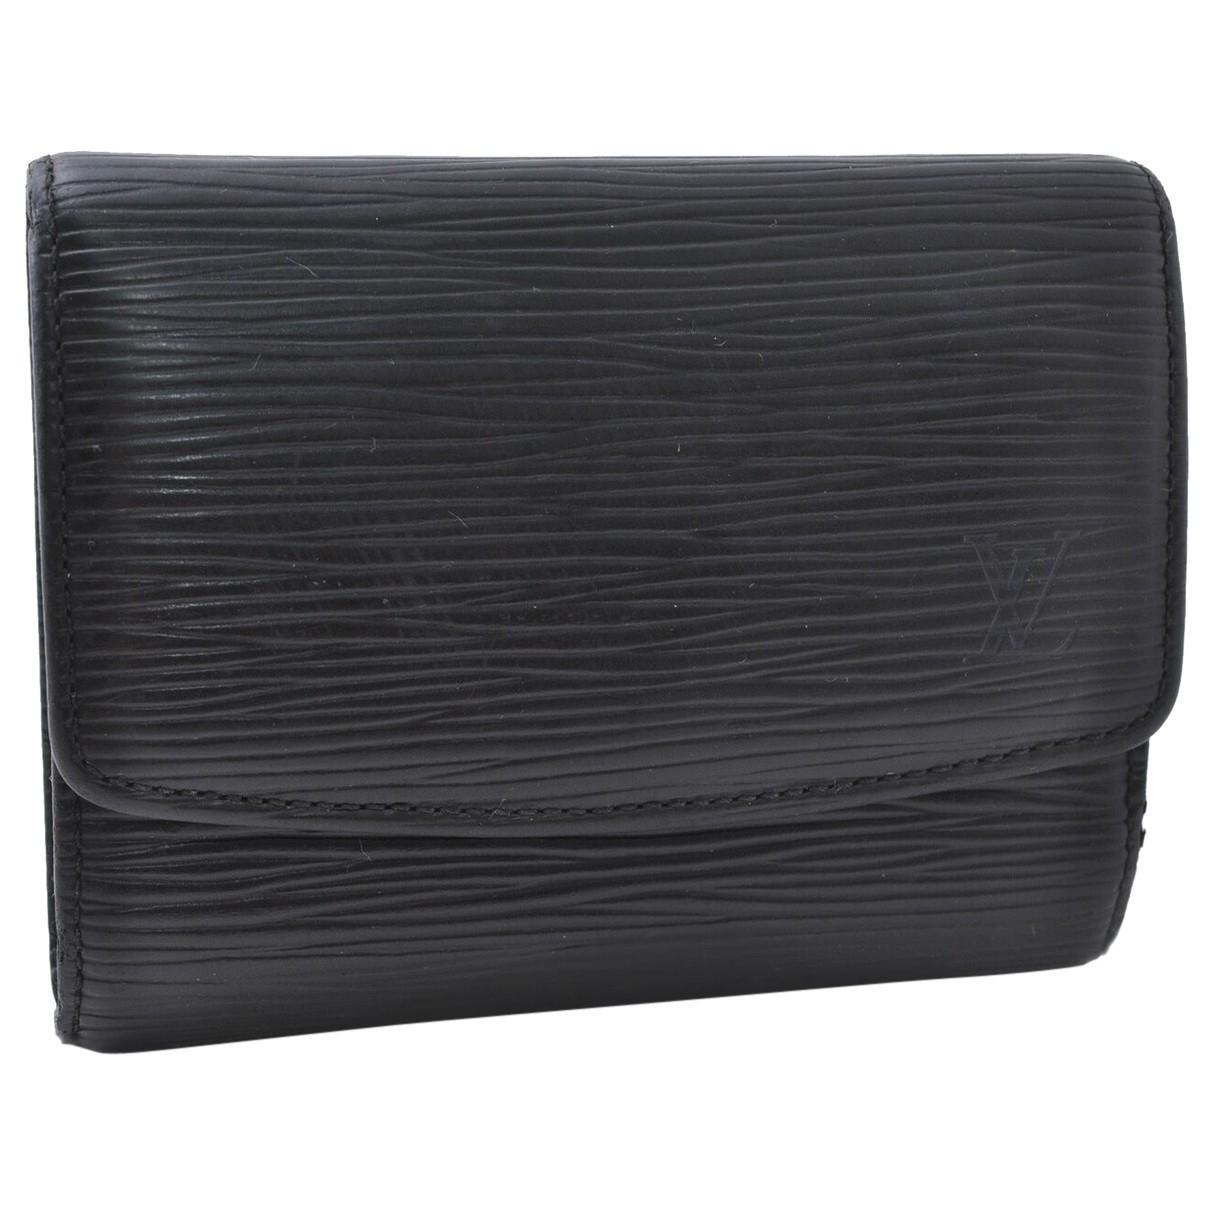 Louis Vuitton - Petite maroquinerie   pour femme en cuir - noir